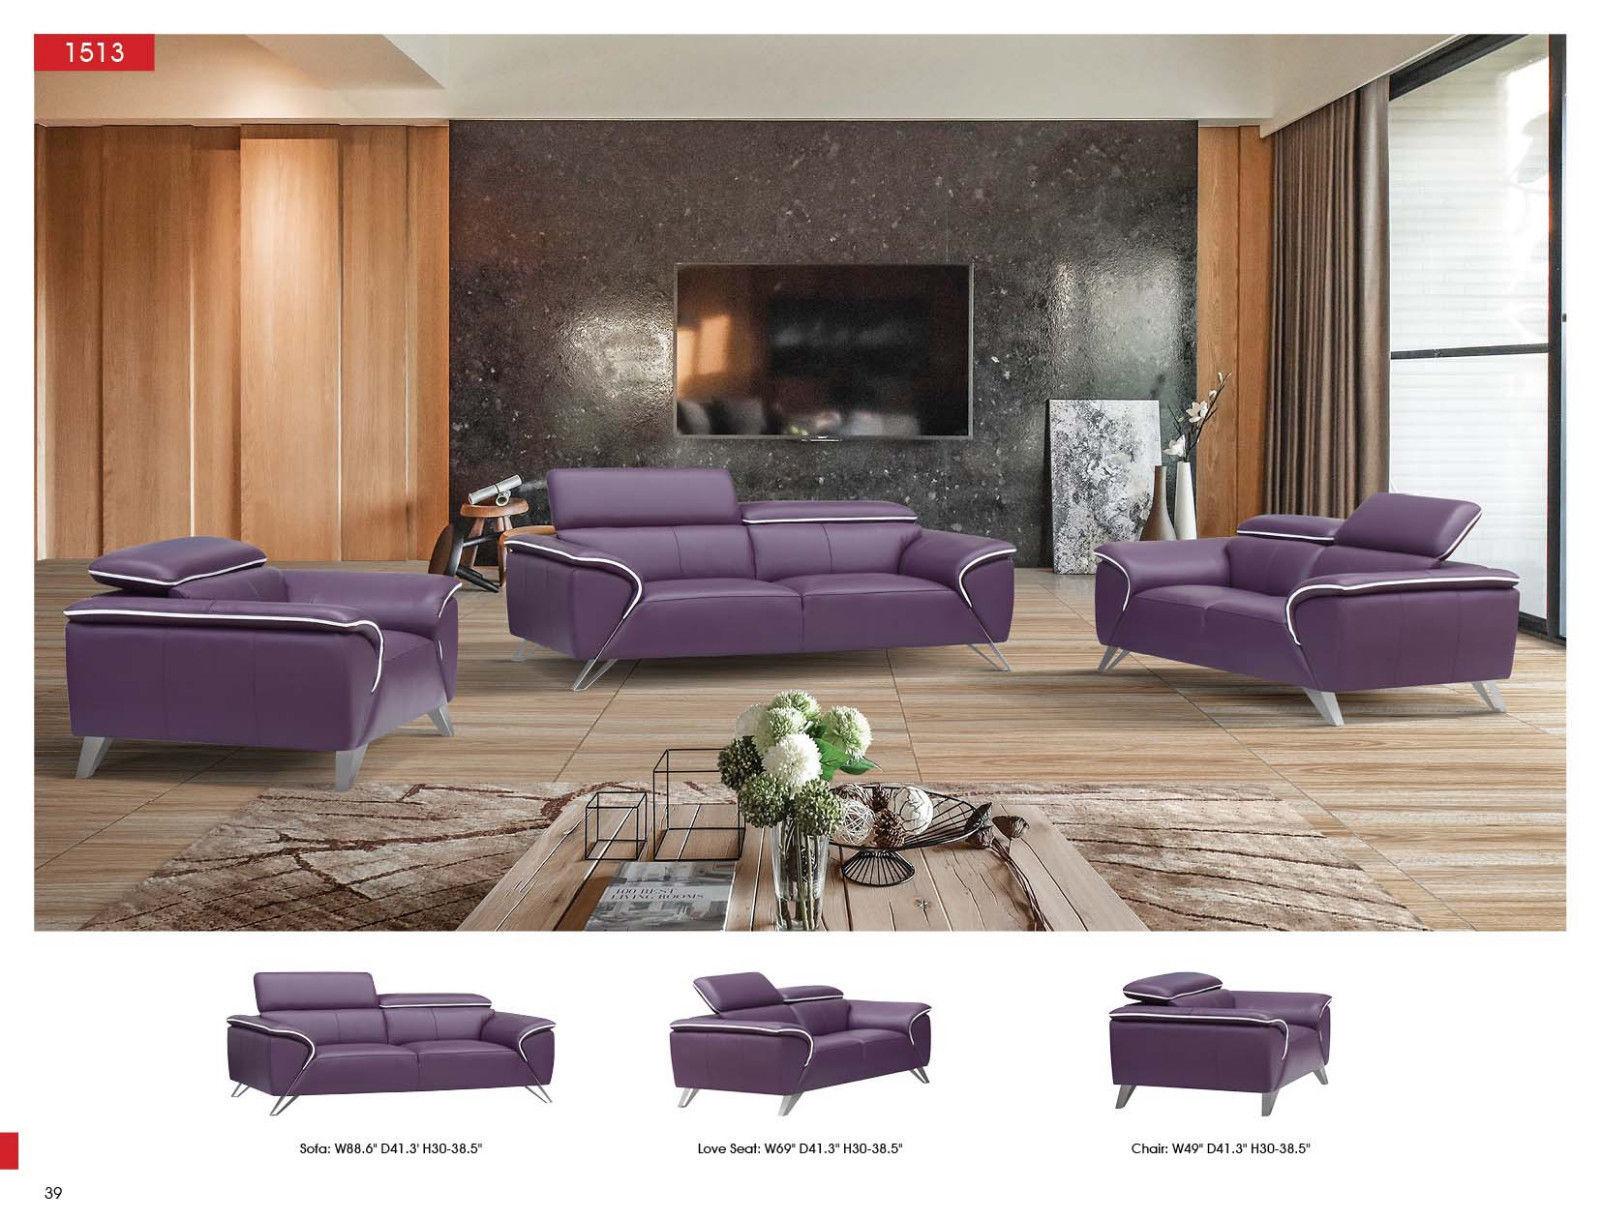 ESF 1513 Italian Half Leather Living Room Sofa Set 3pc. Purple Modern Style